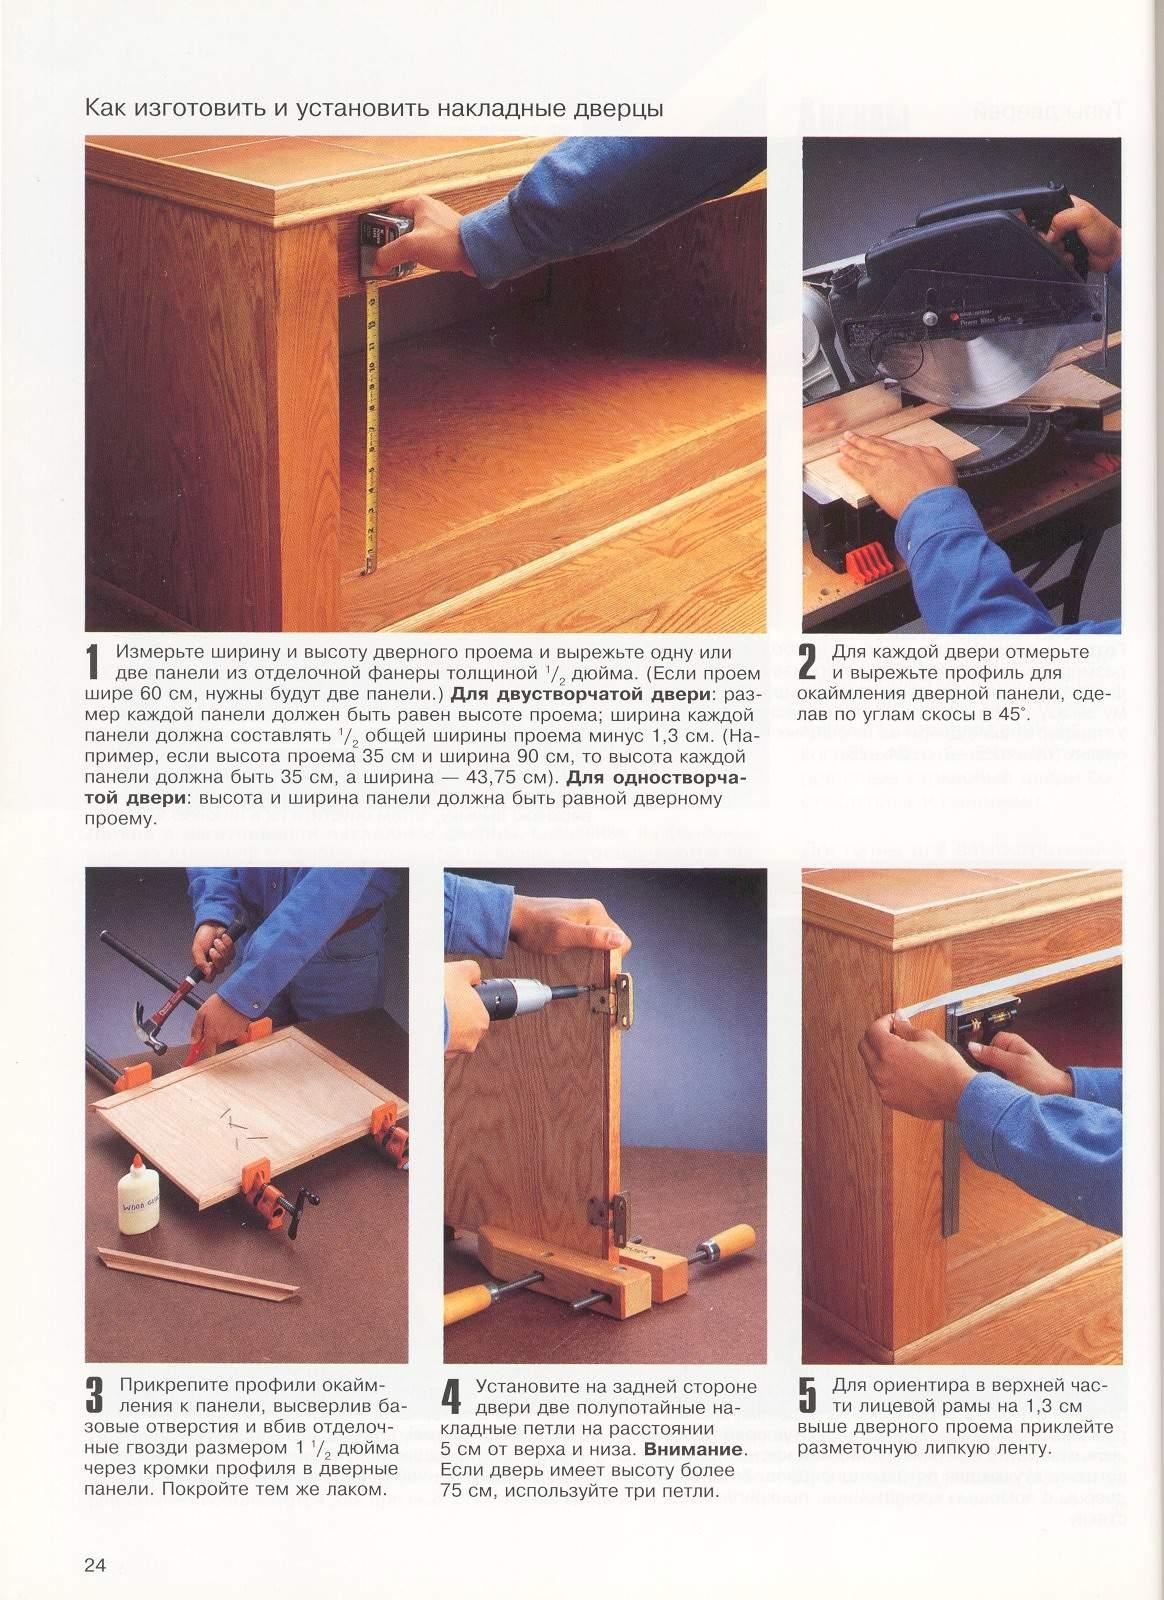 Встроенная мебель своими руками.